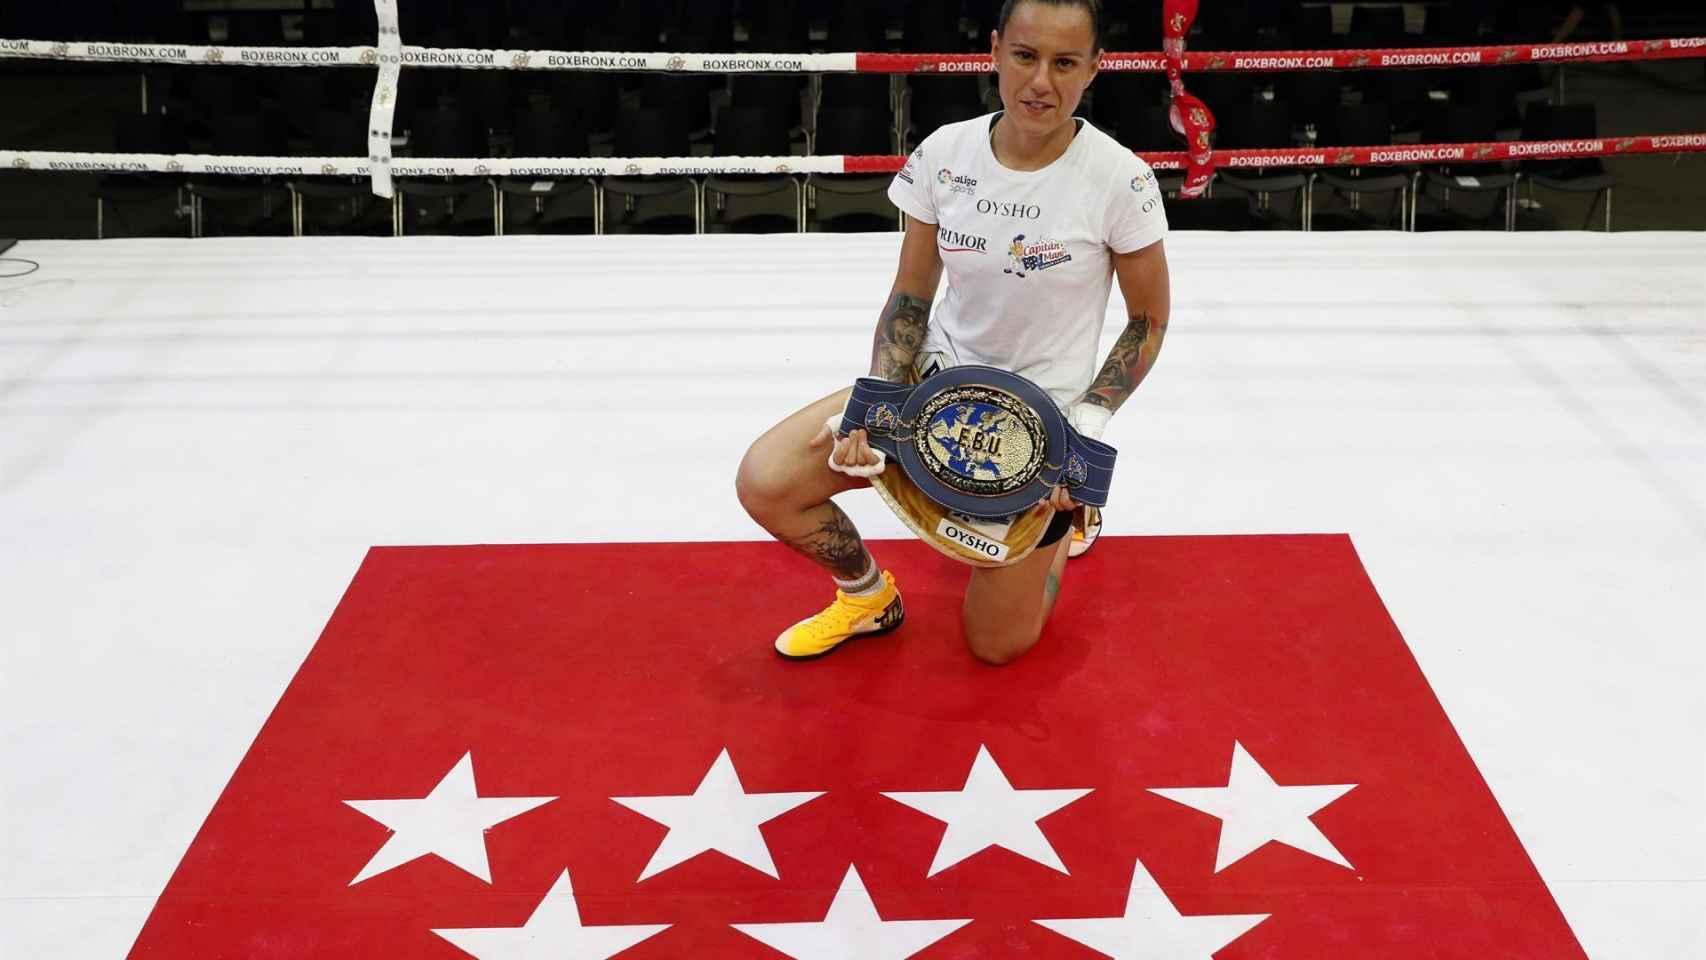 Joana Pastrana posa con la bandera de la Comunidad de Madrid y con su título